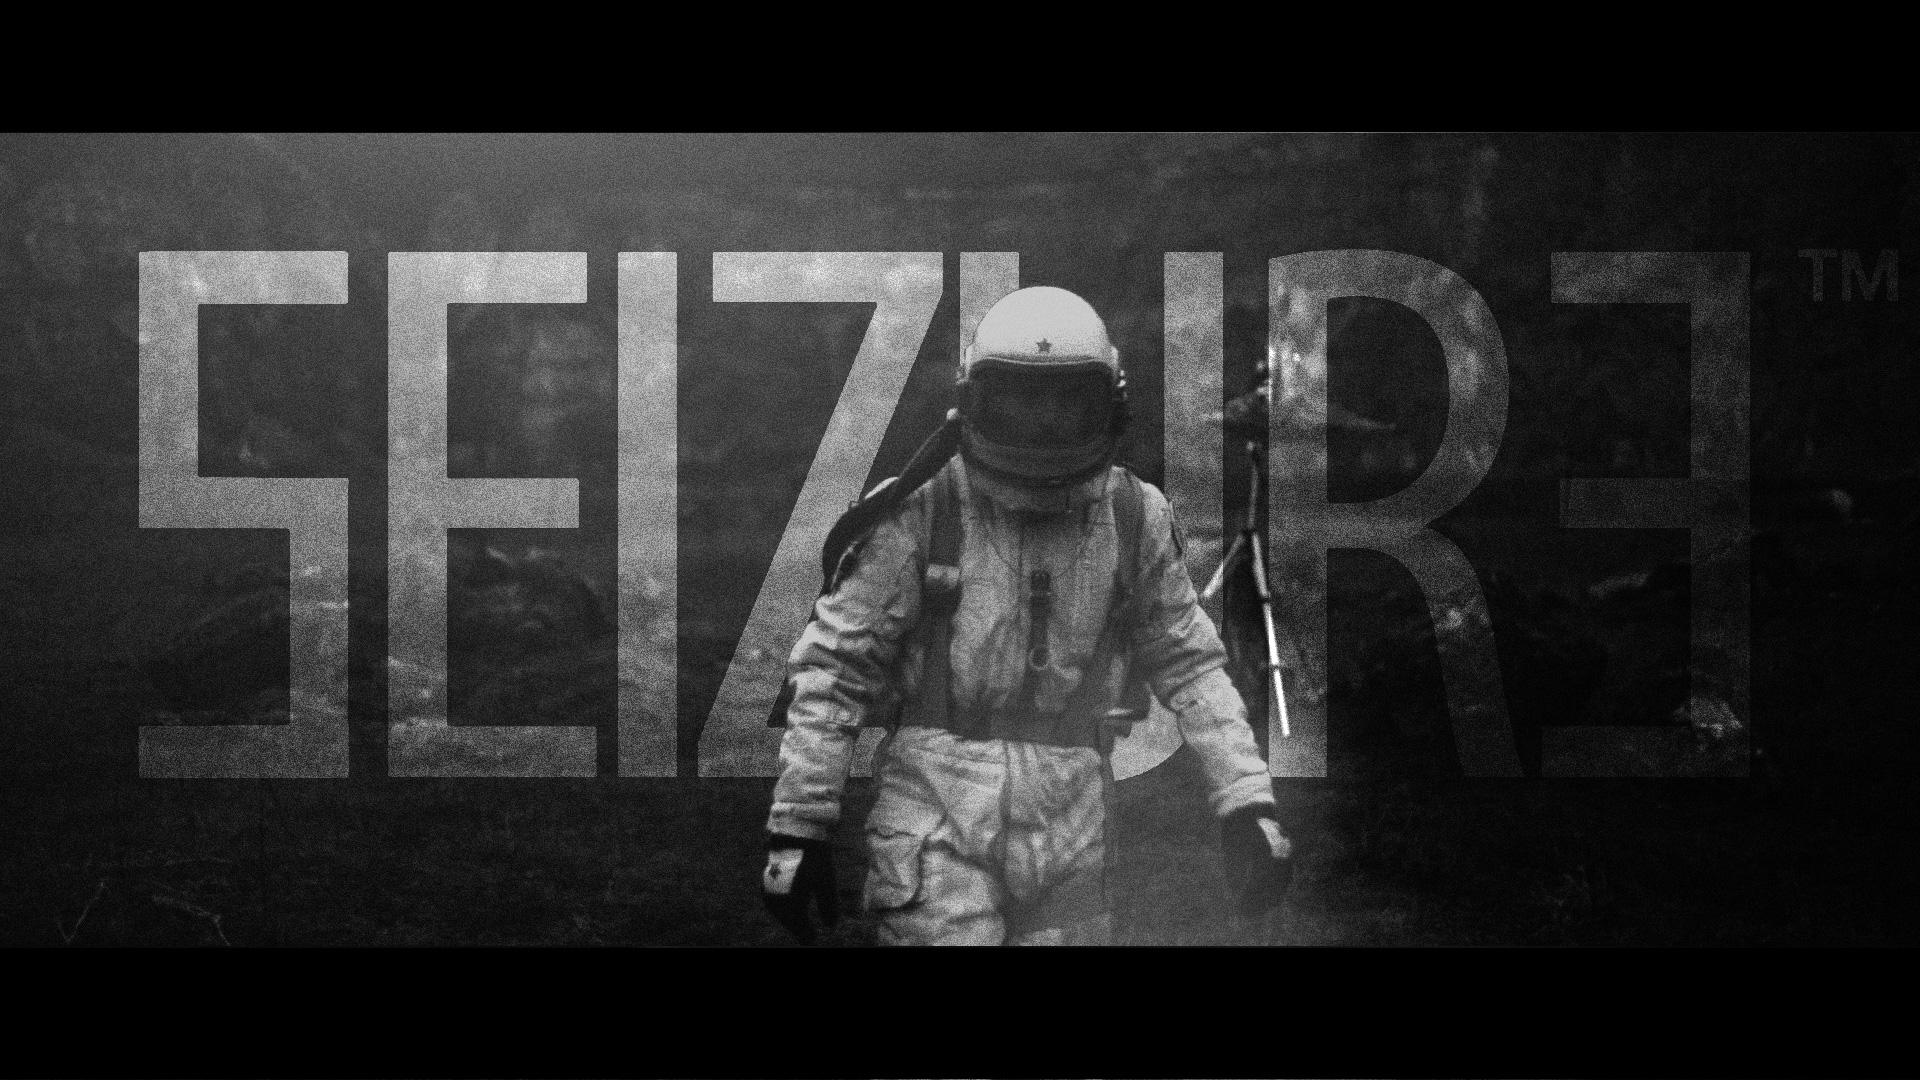 Seizur3-poster-walk-off